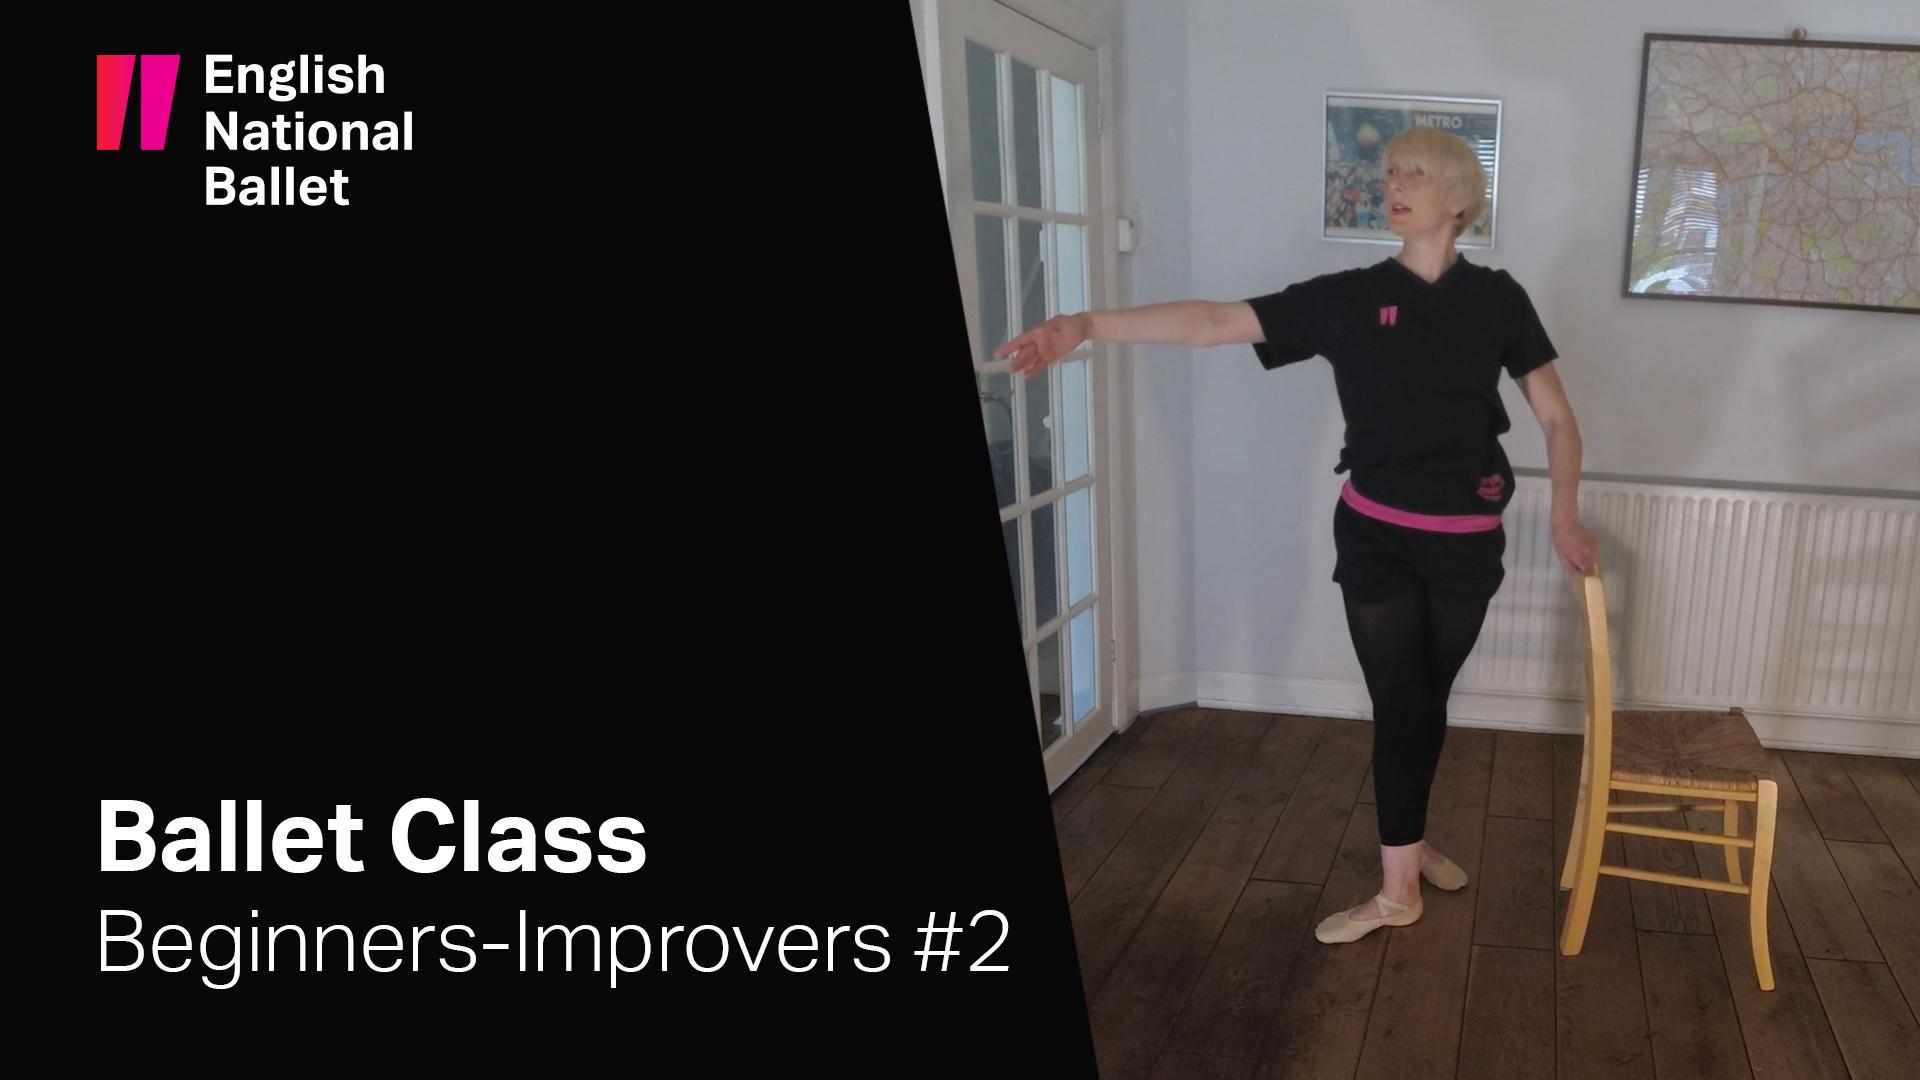 Beginners-Improvers Ballet Class #2 | English National Ballet